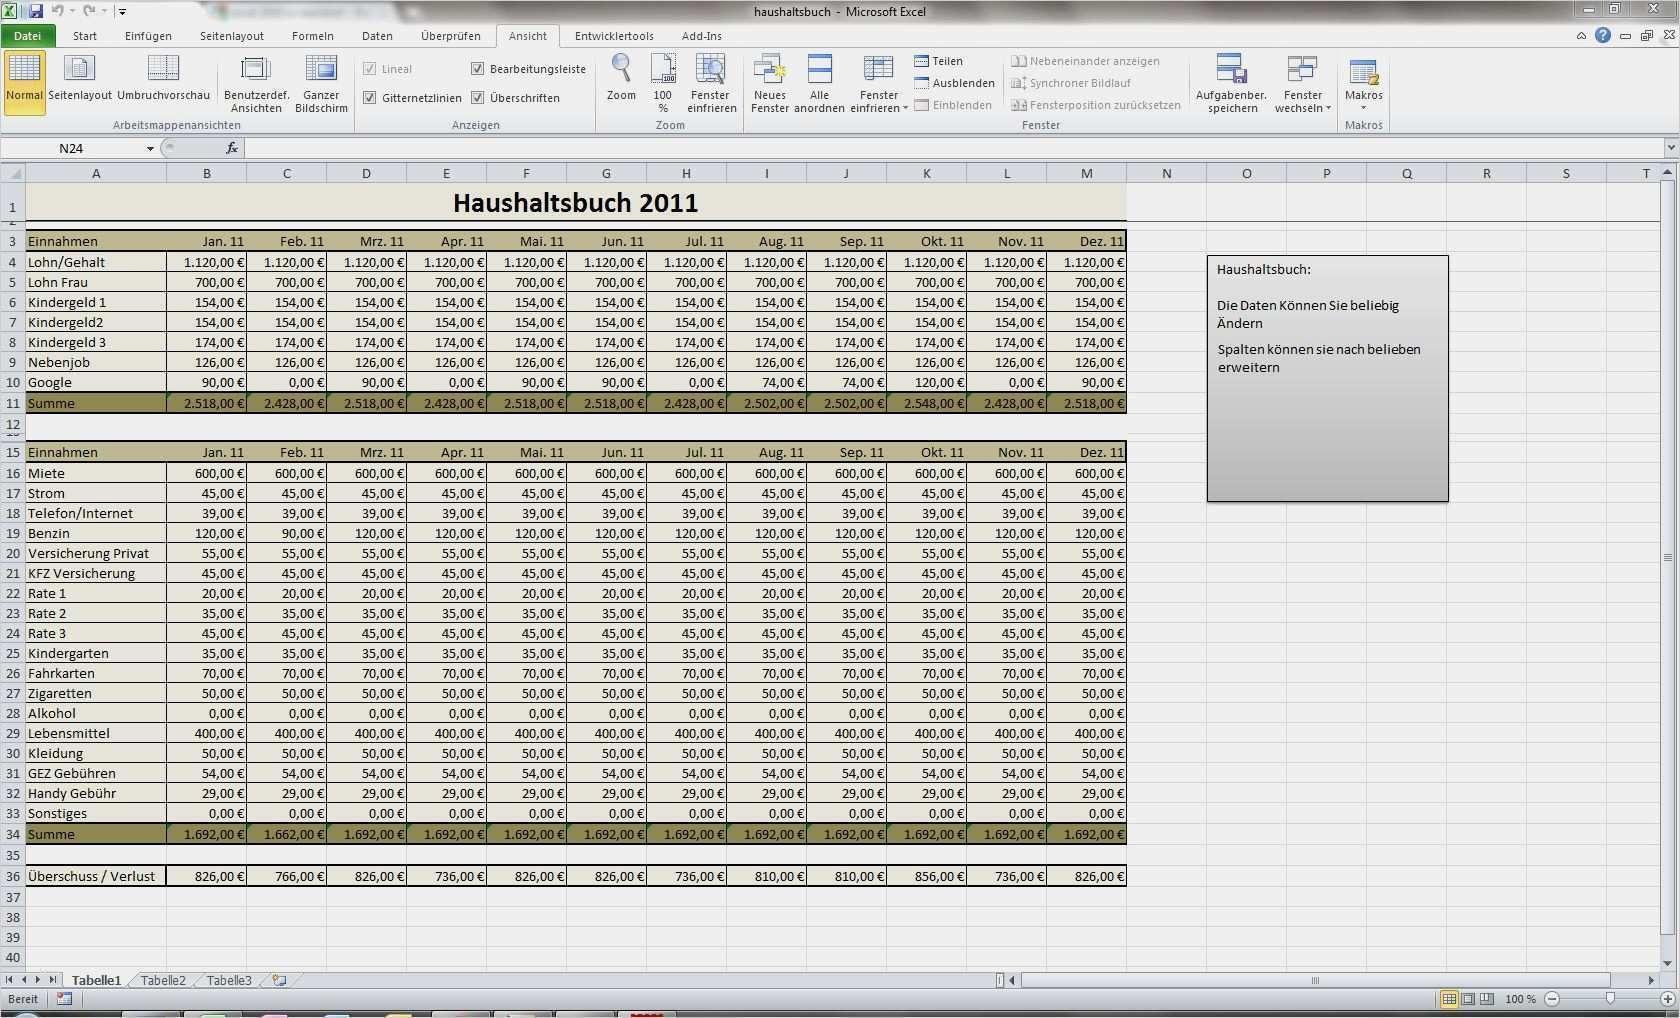 36 Gut Excel Vorlage Produktionsplanung Foto 1